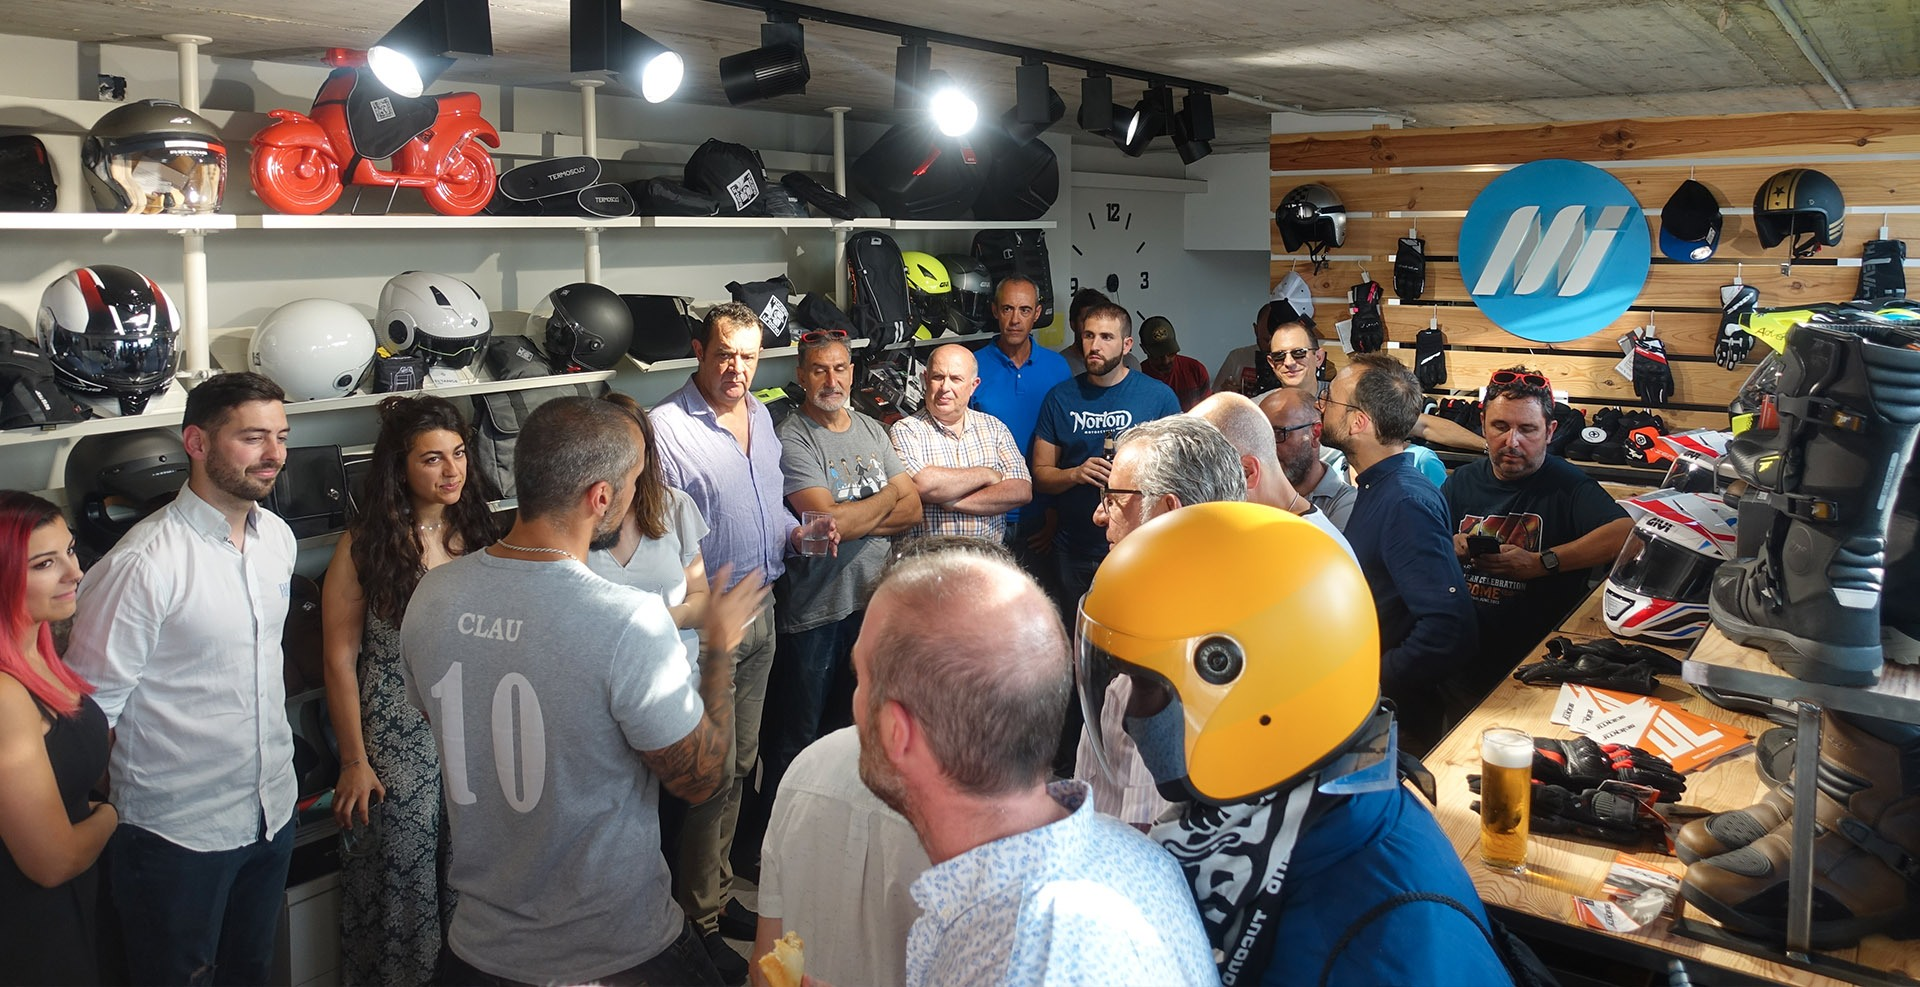 Periodistas conociendo los nuevos productos de diferentes marcas de equipamiento motorista en Showroom Medis Grupo